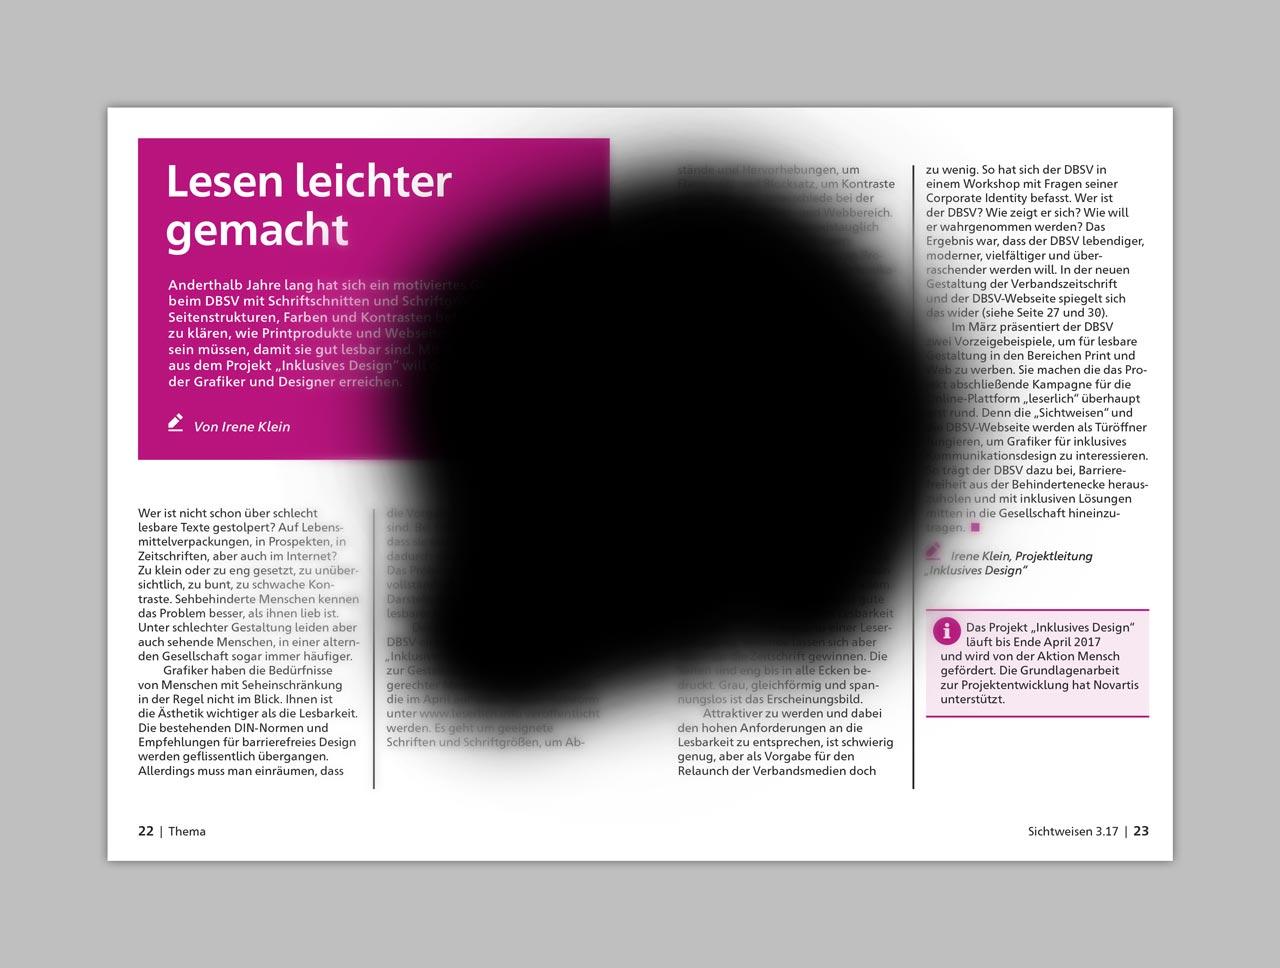 Eine Doppelseite der Zeitschrift »Sichtweisen«. In der Bildmitte ist ein großer schwarzer Fleck zu sehen, der circa zwei Drittel der Doppelseite verdeckt. Um den Fleck herum ist der Inhalt der Doppelseite verschwommen.